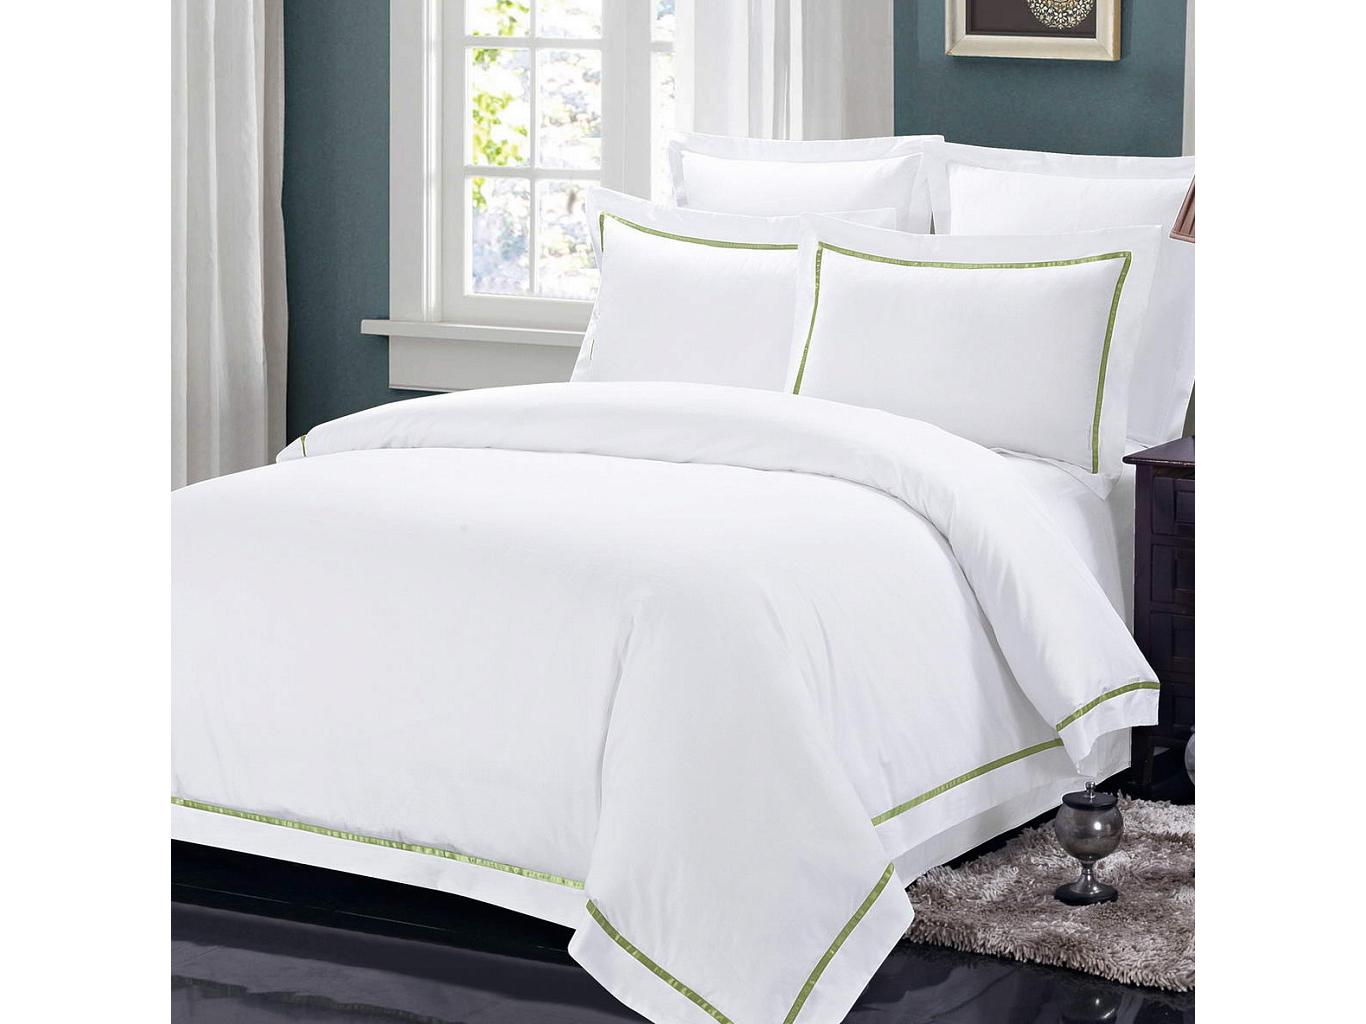 Комплект постельного белья СанремоДвуспальные комплекты постельного белья<br>&amp;lt;div&amp;gt;&amp;lt;div&amp;gt;Великолепный белоснежный комплект из хлопка станет настоящим украшением для Вашей спальни. Наволочки с &amp;quot;ушками&amp;quot; и декоративная тесьма,простроченная по периметру смотрятся необыкновенно стильно. Хлопковая нить сплетается определенным способом, это позволяет получить высокую плотность ткани, не теряя при этом мягкости.&amp;amp;nbsp;&amp;lt;/div&amp;gt;&amp;lt;div&amp;gt;&amp;lt;br&amp;gt;&amp;lt;/div&amp;gt;&amp;lt;div&amp;gt;Комплектация:&amp;lt;/div&amp;gt;&amp;lt;div&amp;gt;Пододеяльник: 200х220 см (1)&amp;lt;/div&amp;gt;&amp;lt;div&amp;gt;Простынь: 230х250 см (1)&amp;lt;/div&amp;gt;&amp;lt;div&amp;gt;Наволочки: 50х70 см (2)&amp;lt;/div&amp;gt;&amp;lt;div&amp;gt;Наволочки: 70х70 см (2)&amp;amp;nbsp;&amp;lt;/div&amp;gt;&amp;lt;div&amp;gt;Состав: 100% хлопок&amp;lt;/div&amp;gt;&amp;lt;/div&amp;gt;<br><br>Material: Хлопок<br>Ширина см: 230.0<br>Глубина см: 250.0